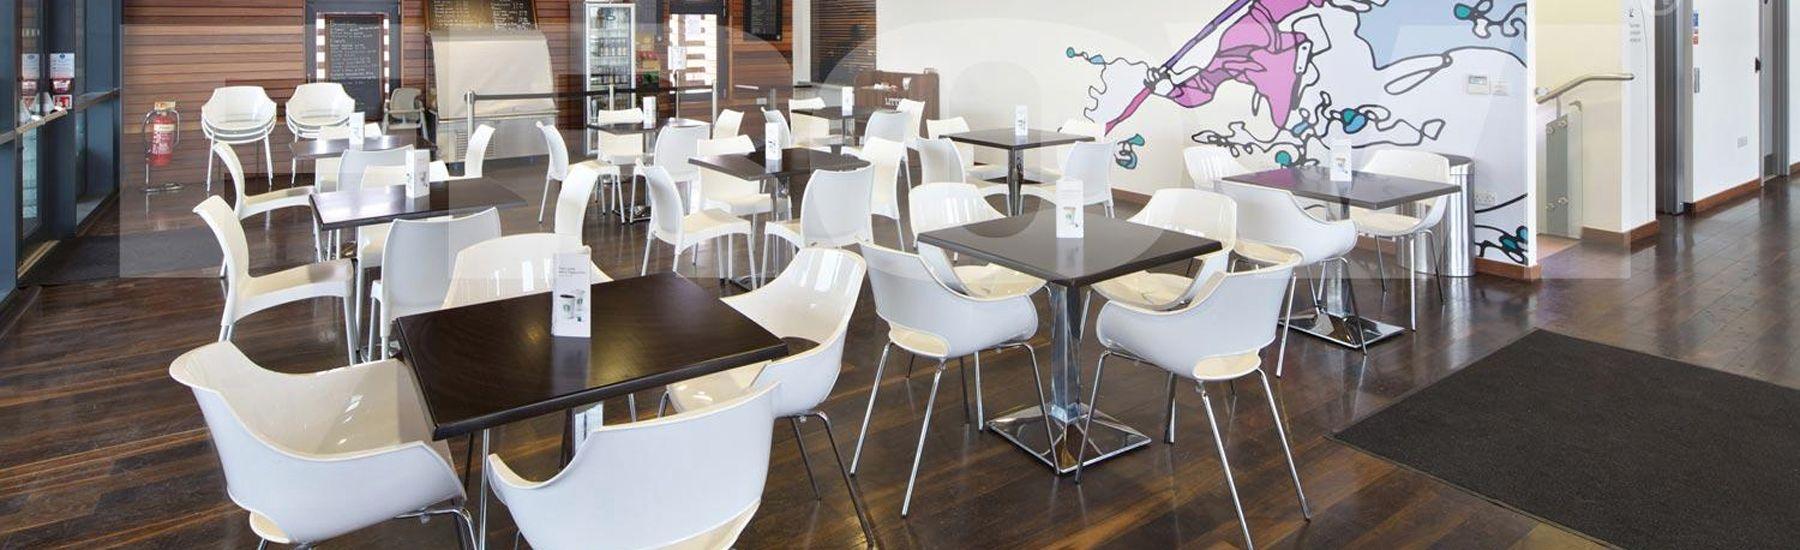 Future Office Breakout Furniture